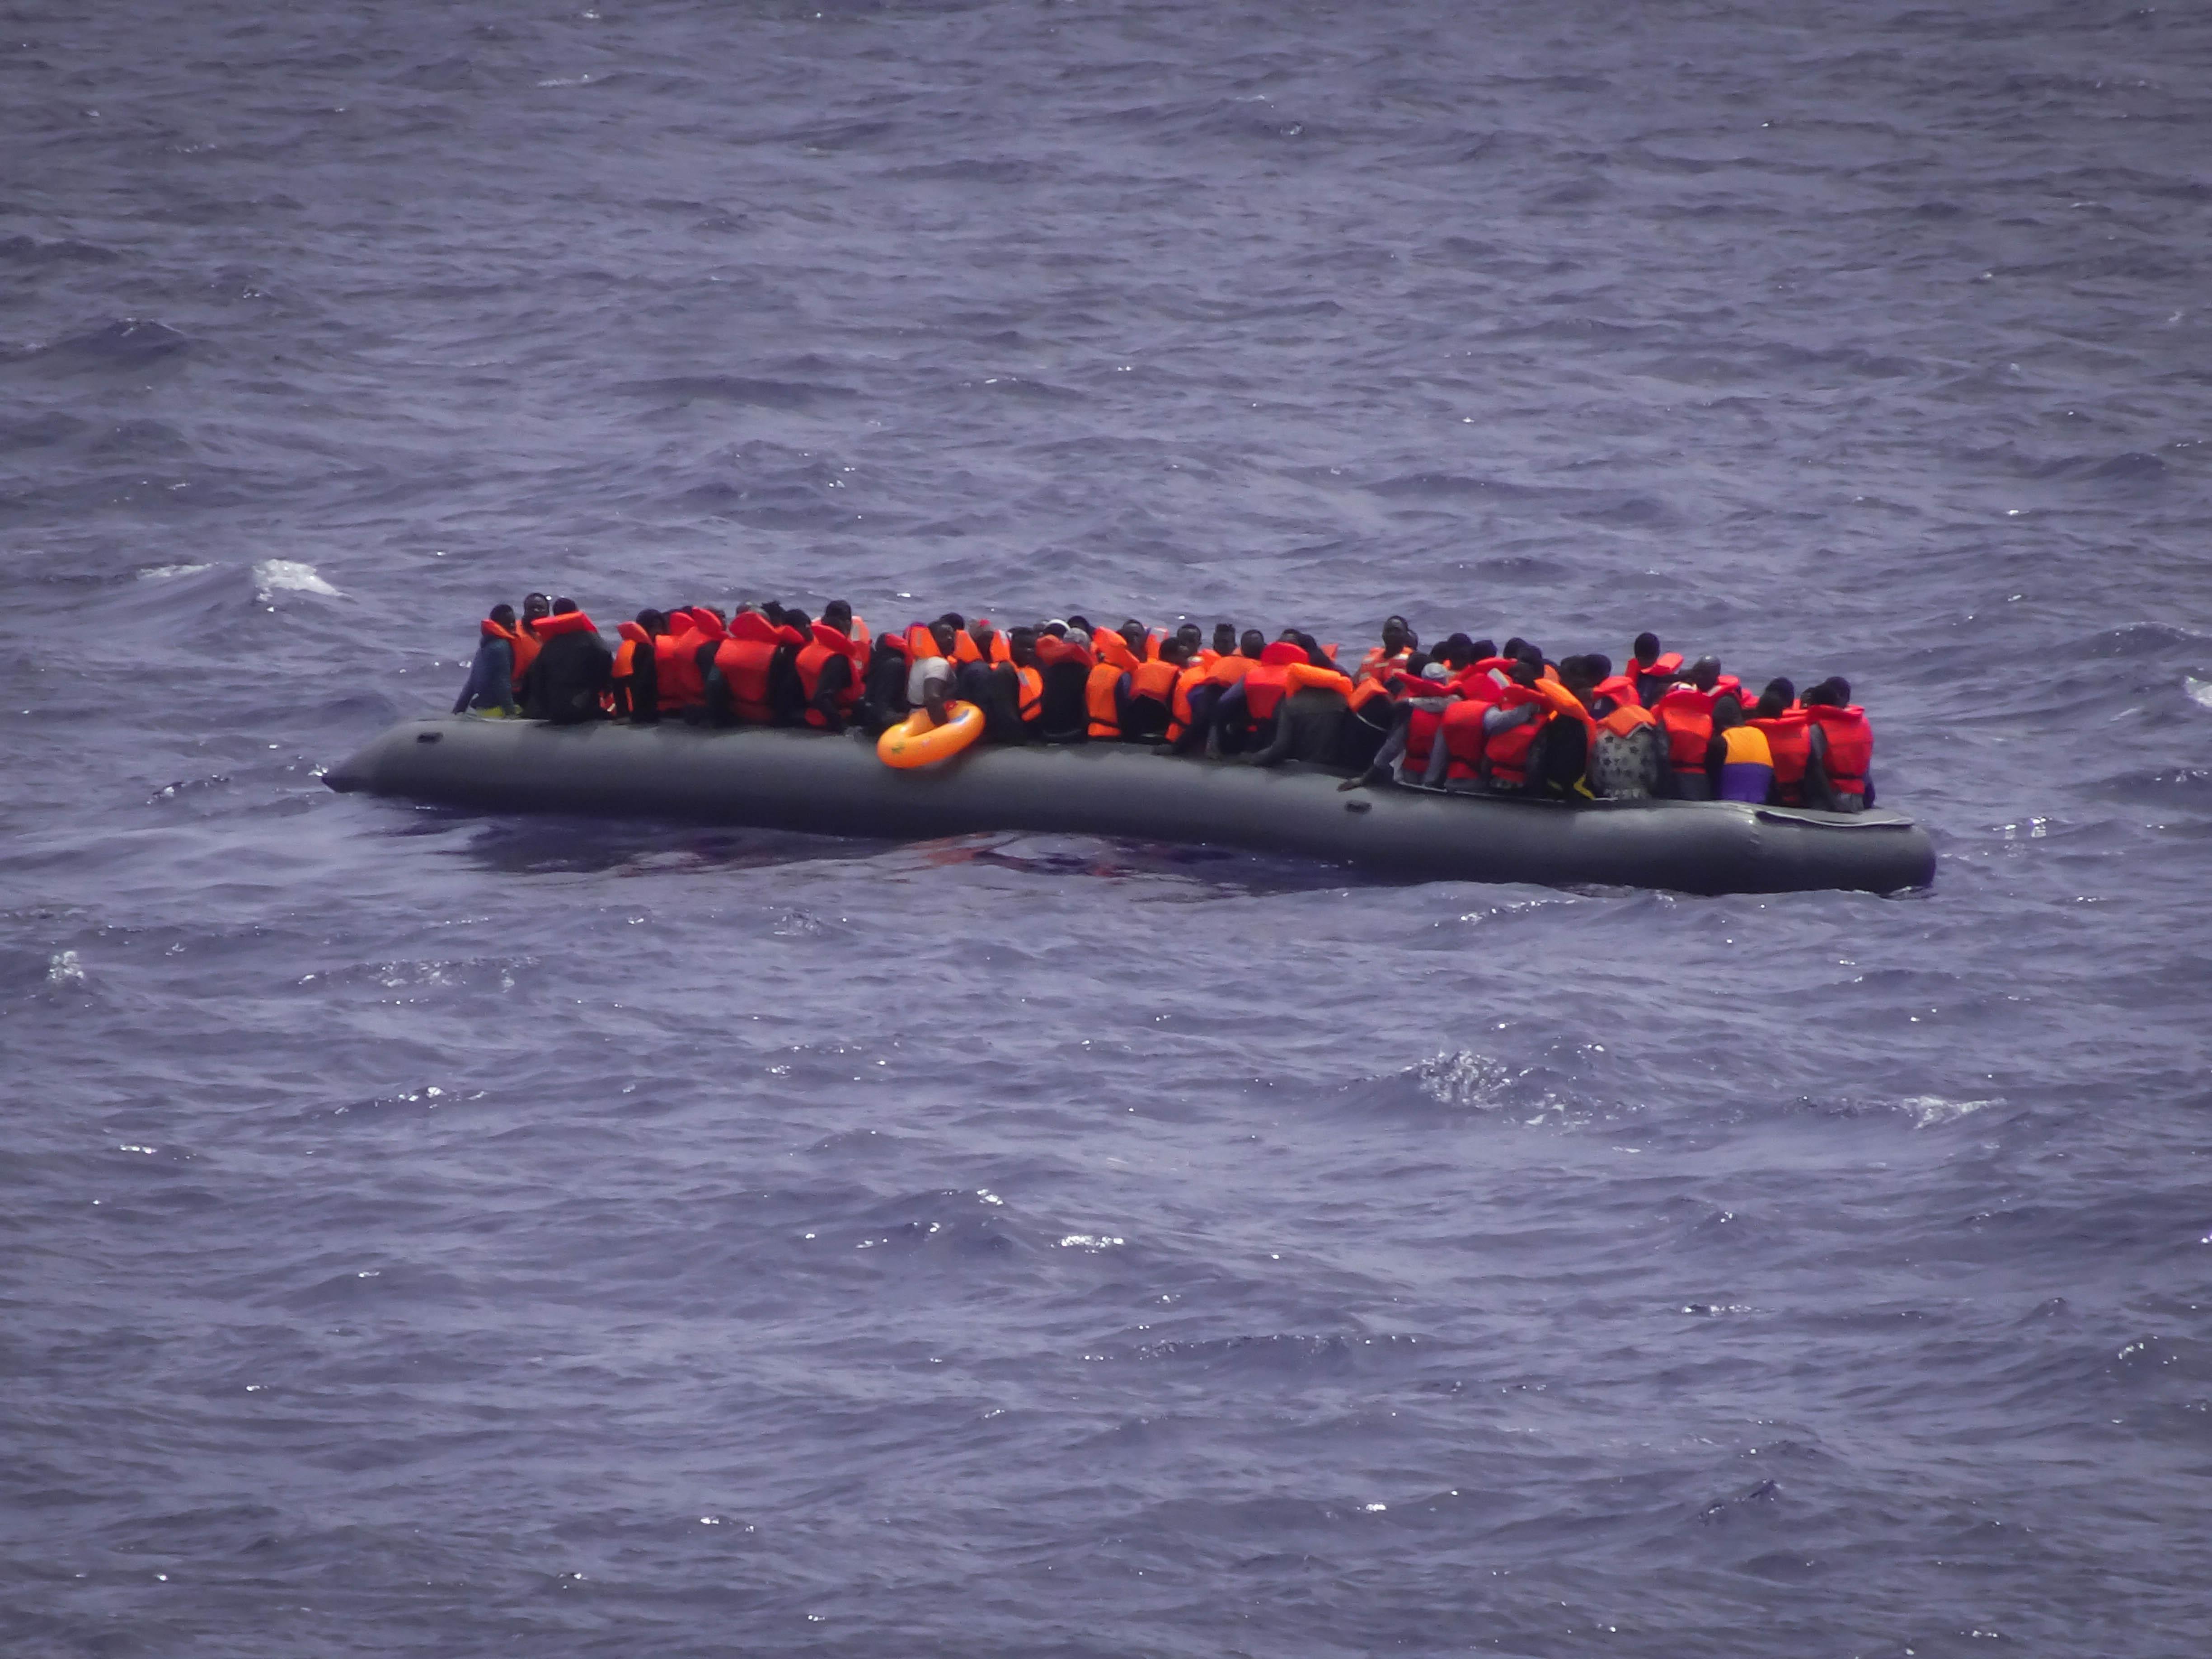 Les passeurs libyens n'ont pas hésité à entasser 164 personnes sur ce bateau pneumatique d'une dizaine de mètres en violation de toutes les règles de sécurité.